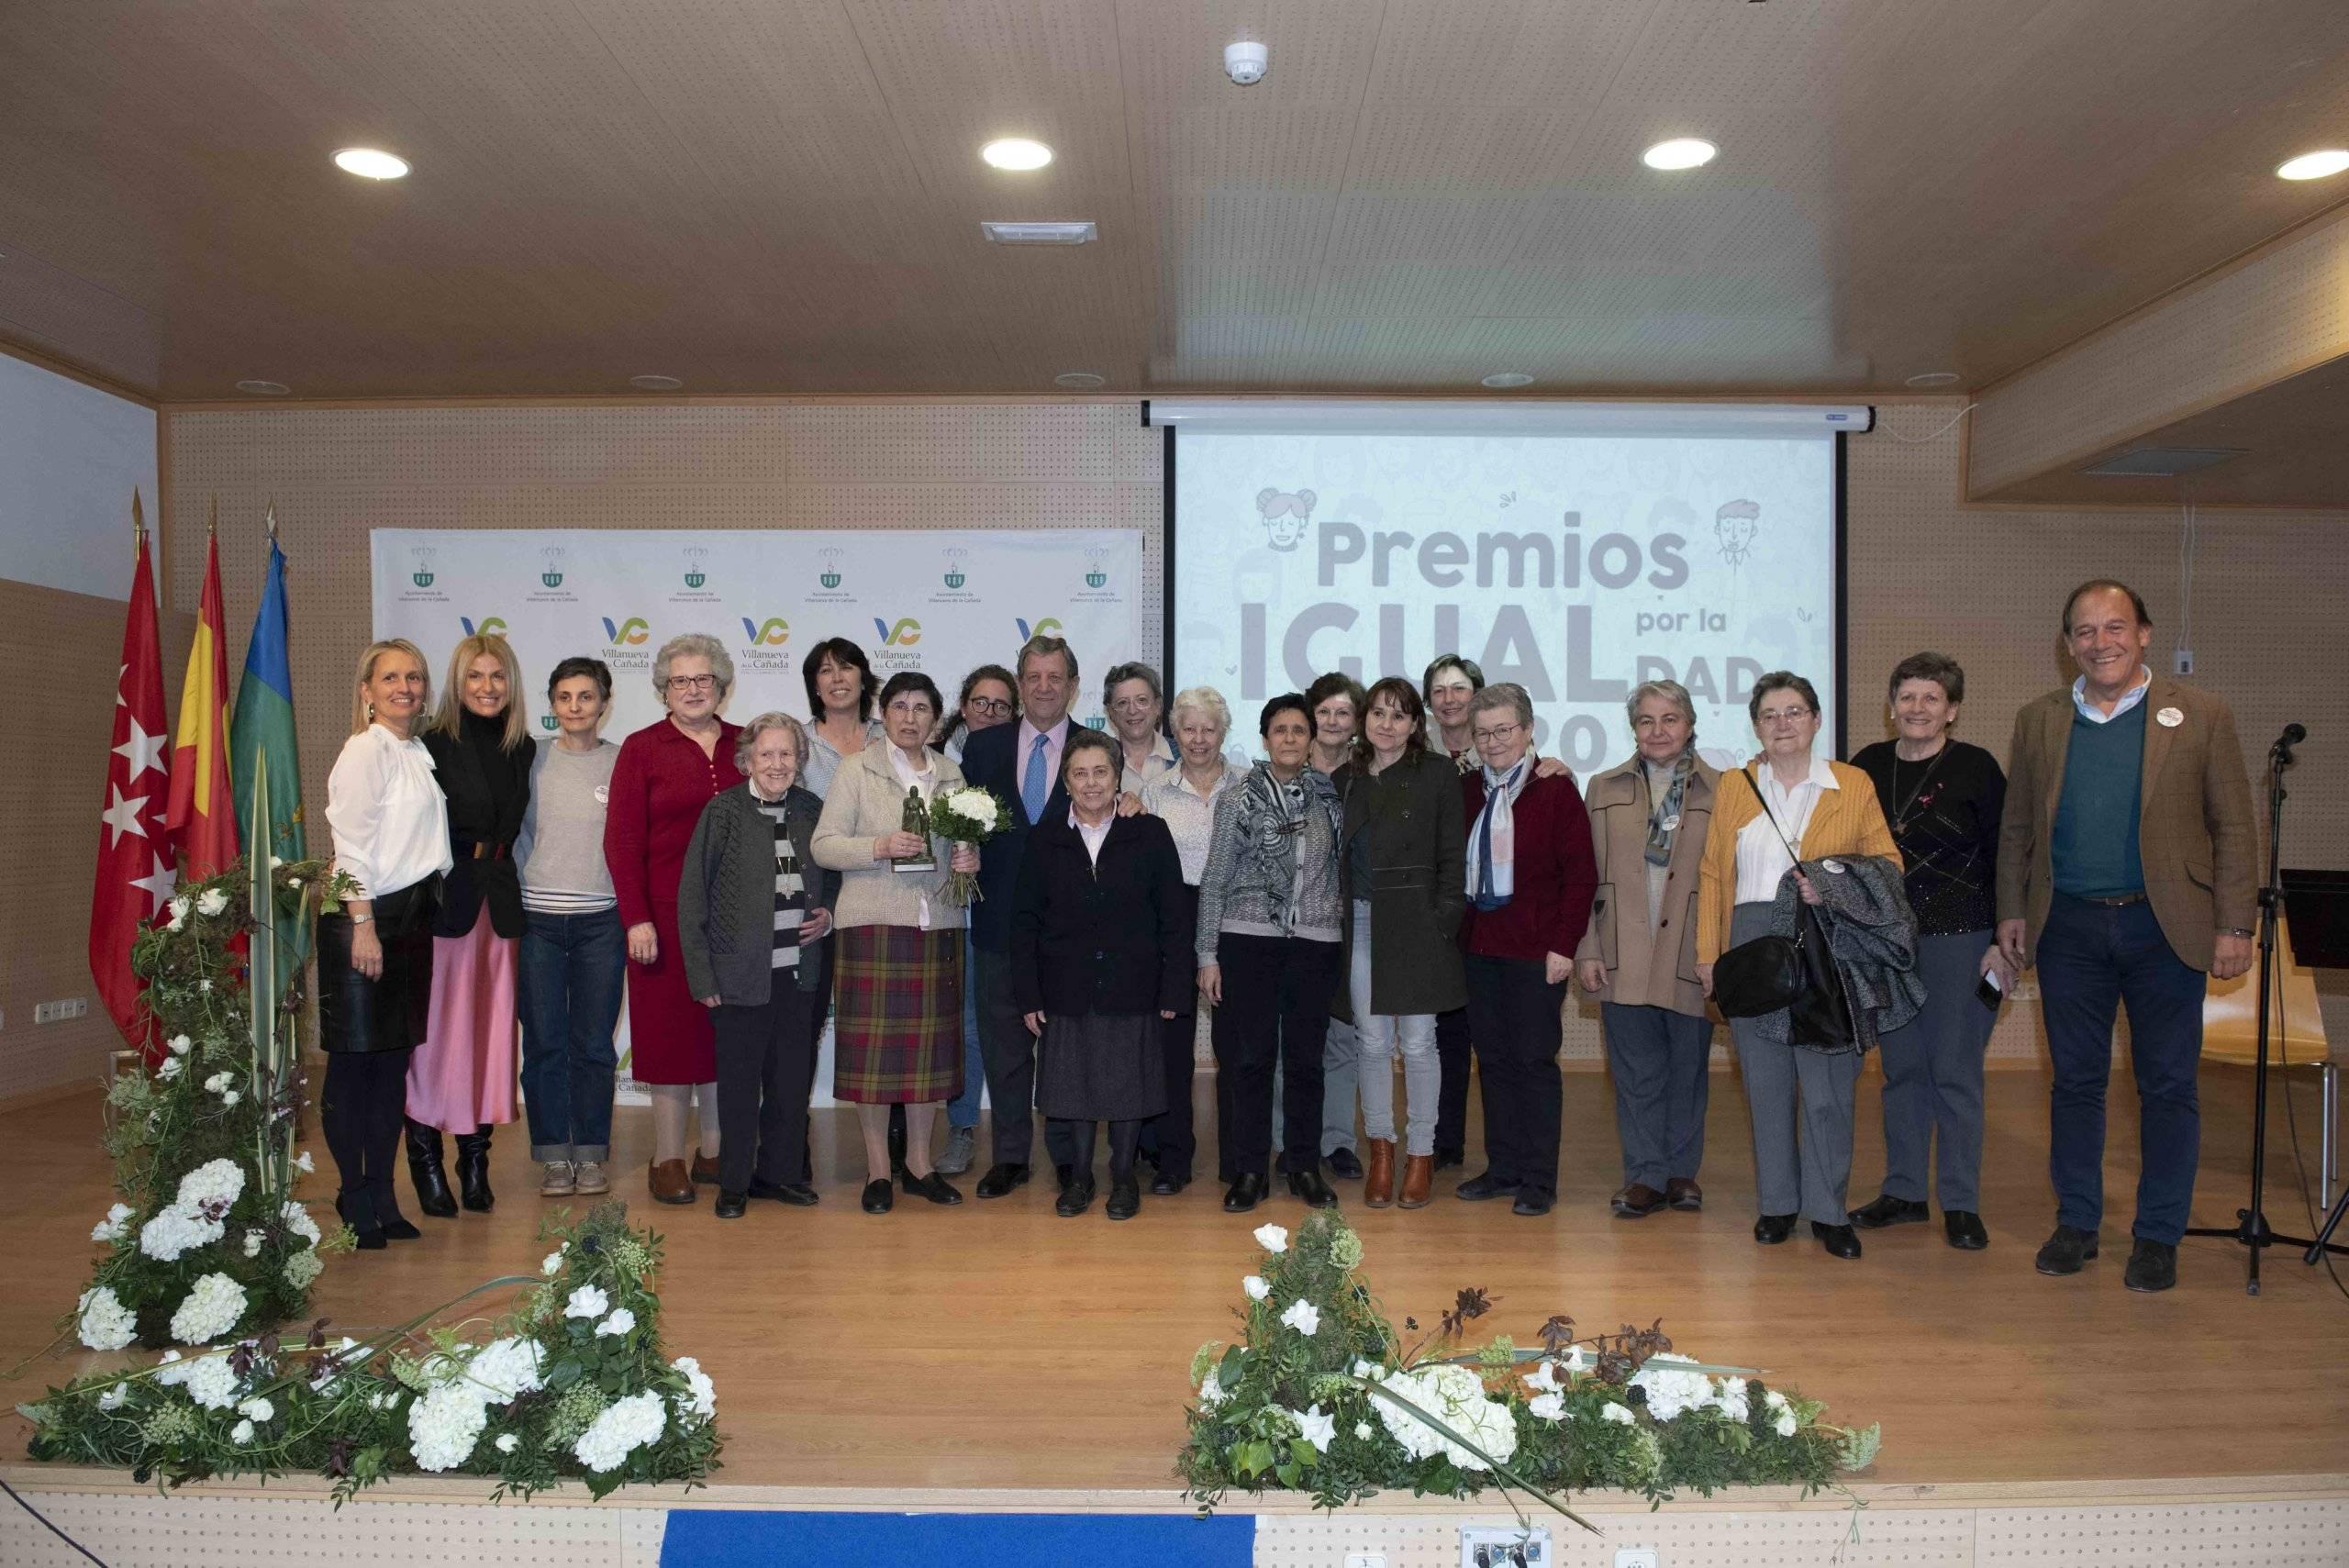 Foto de familia de autoridades locales, junto a docentes y antiguas alumnas Escolapias.